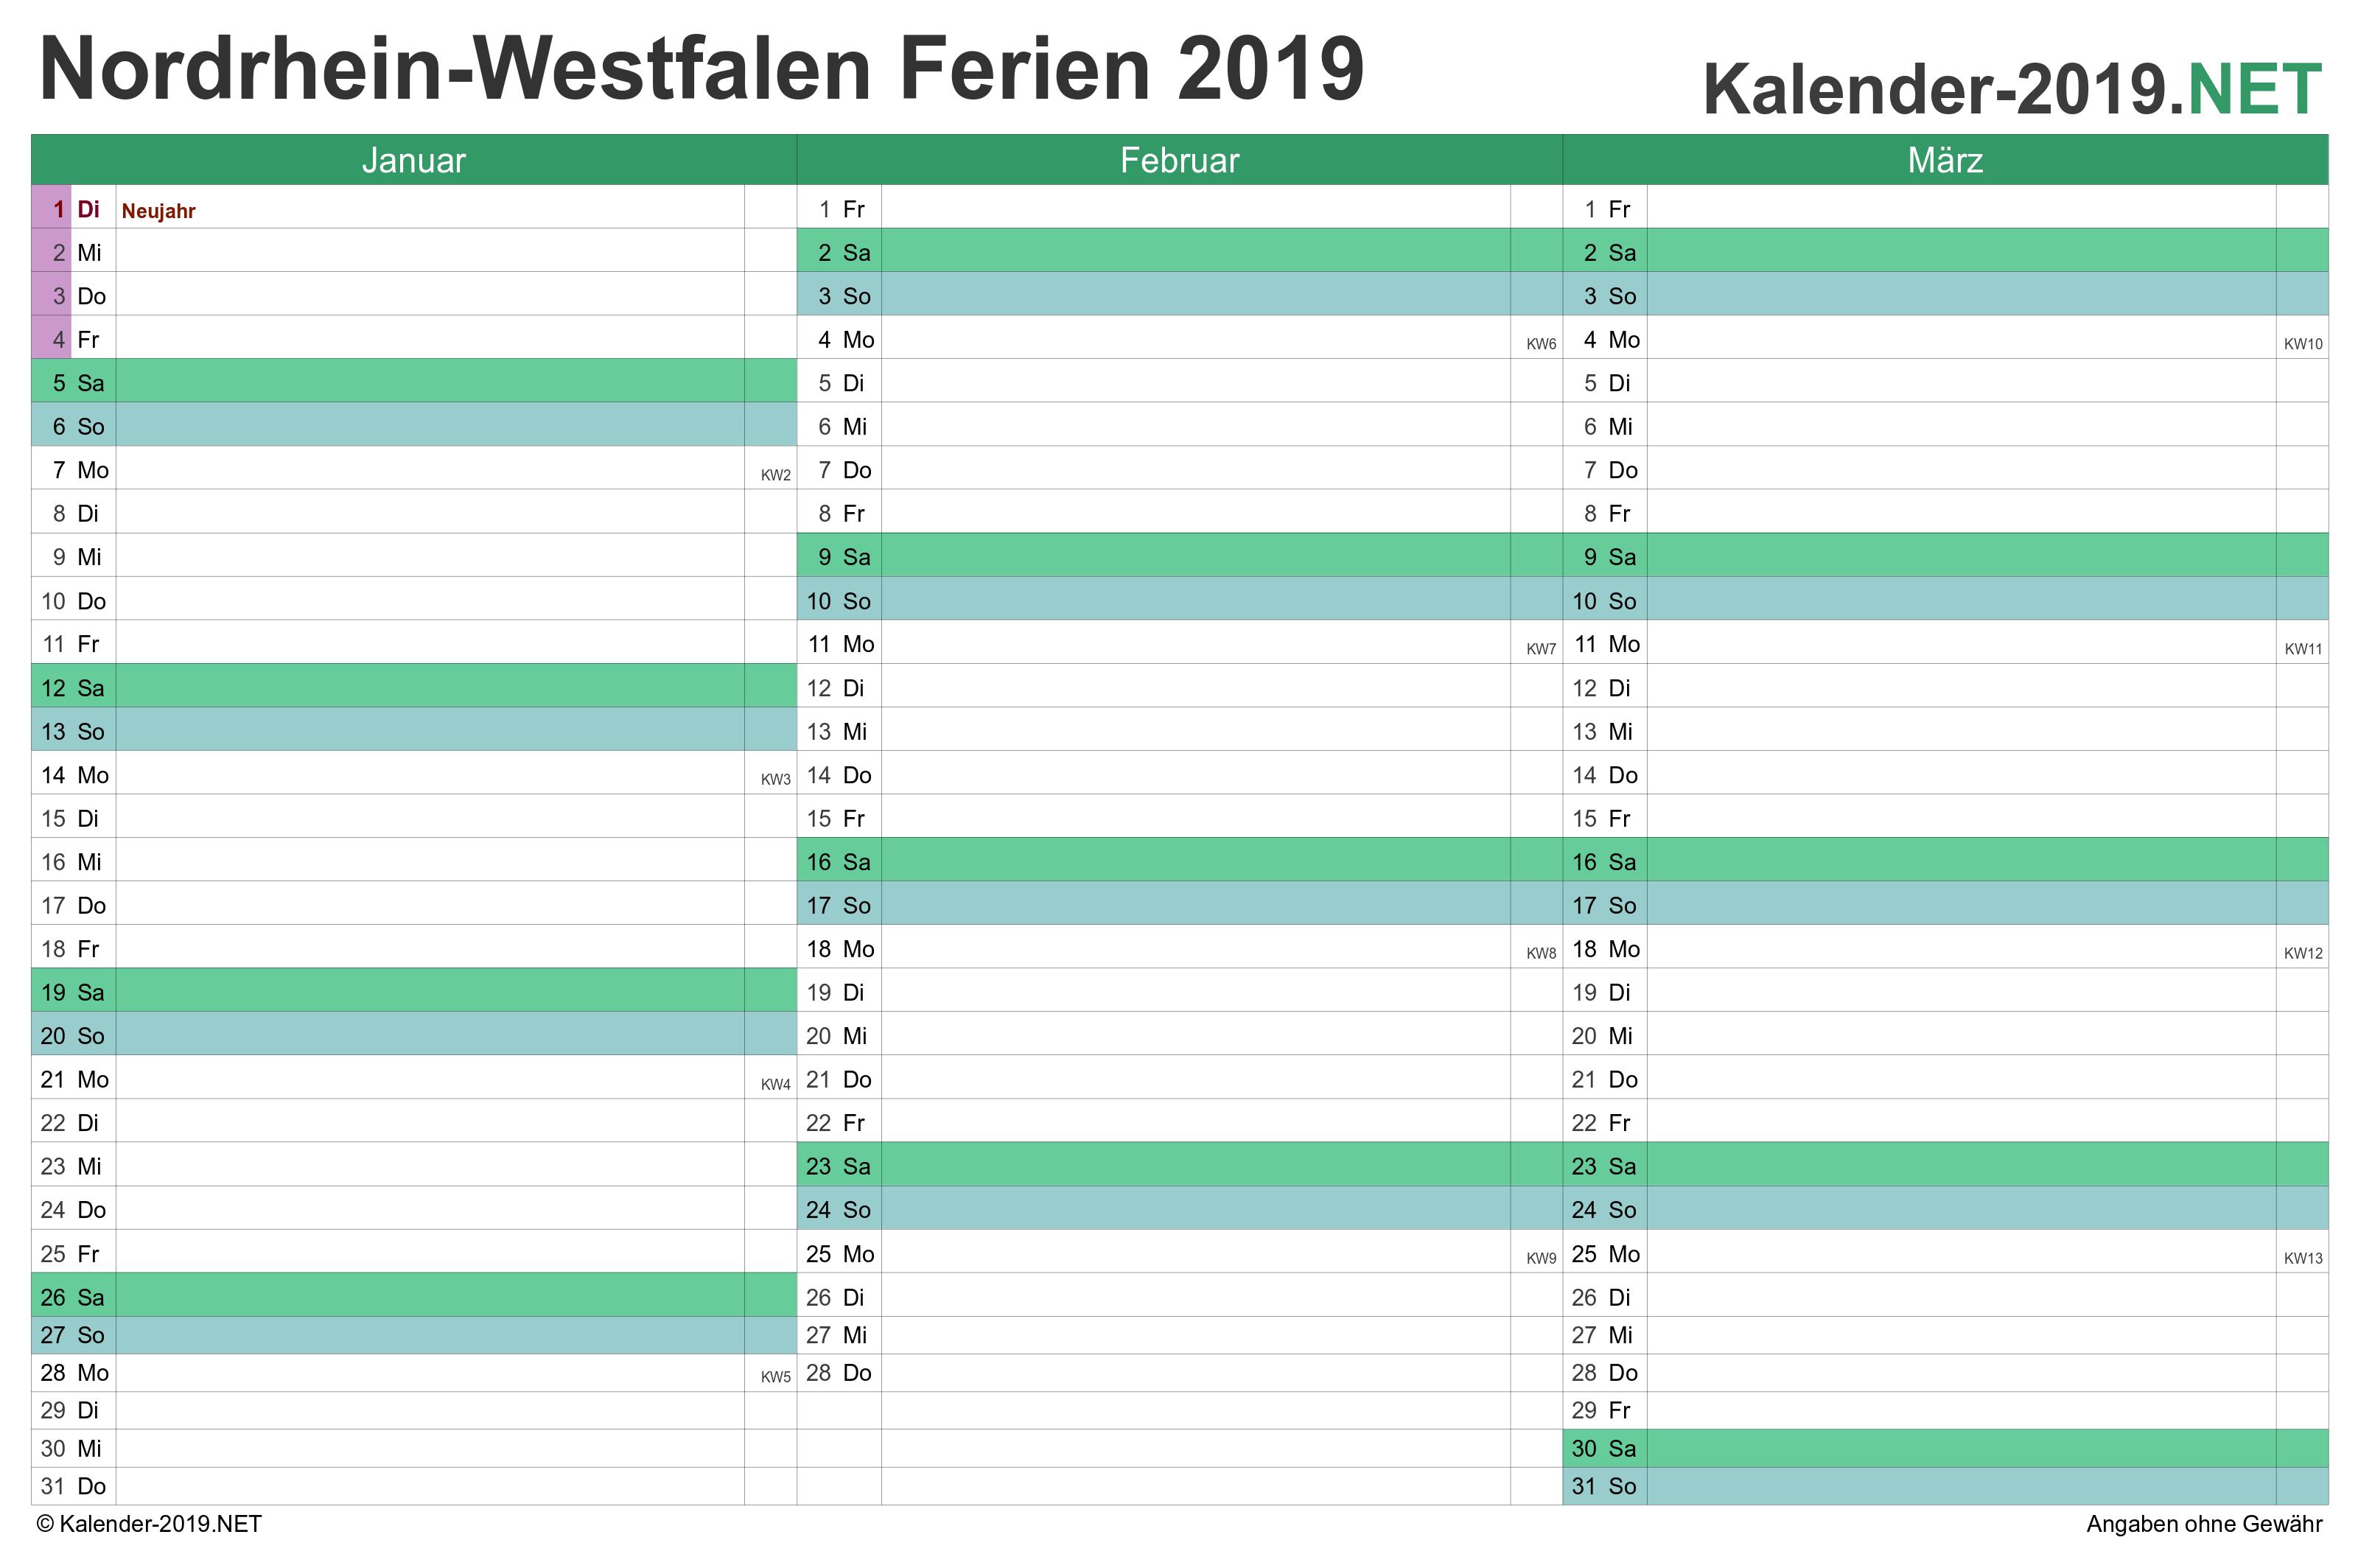 Ferien Nordrhein Westfalen 2019 Ferienkalender Ubersicht